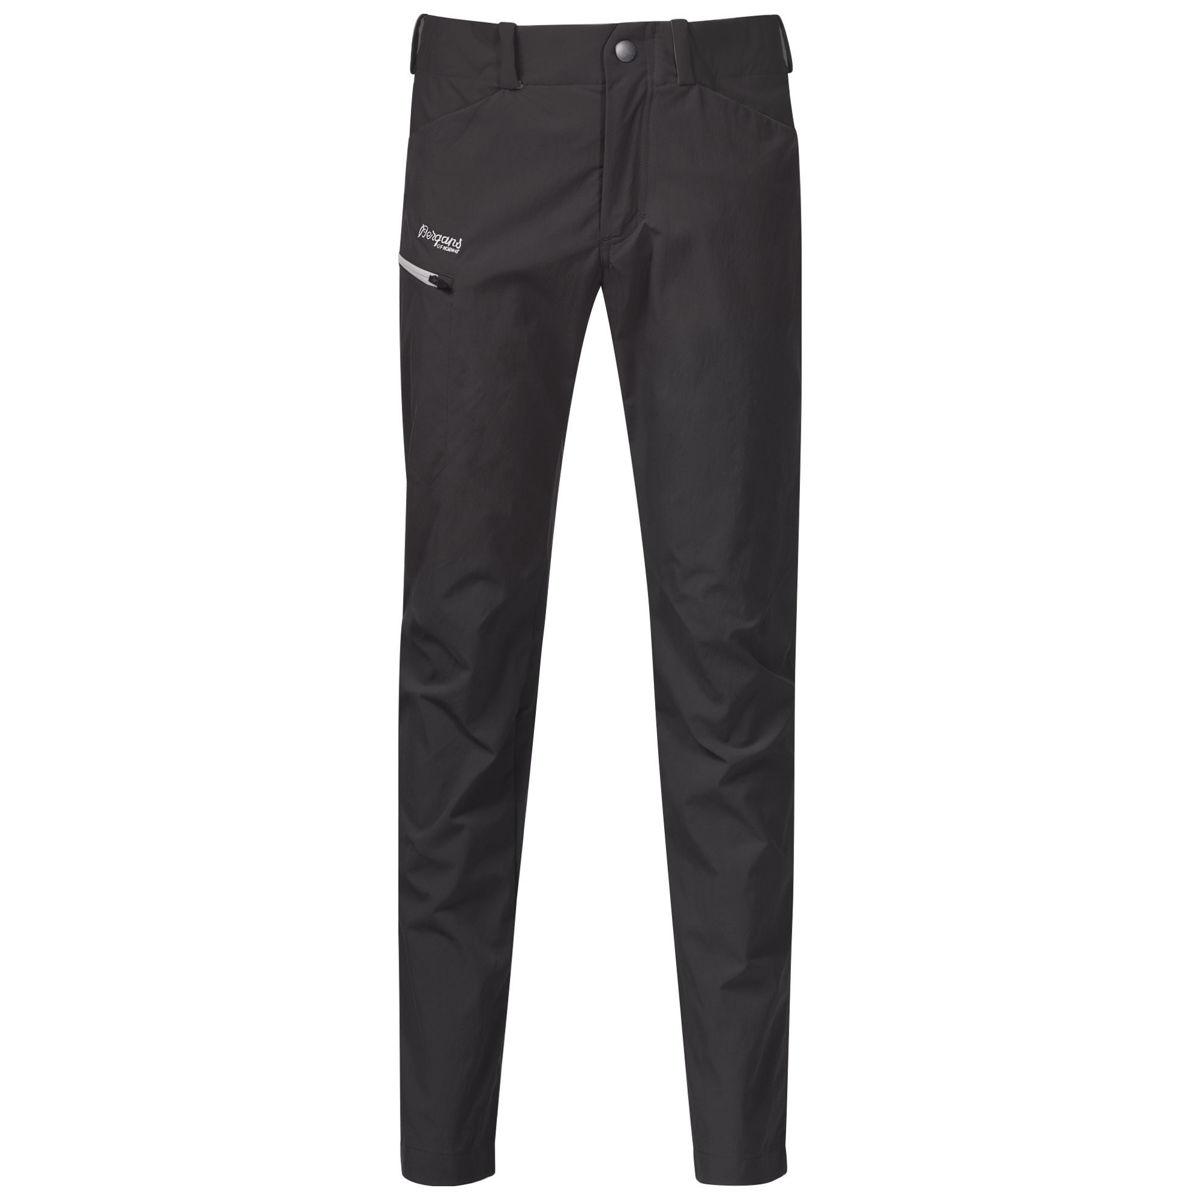 Bilde av Bergans  Utne V4 Youth Pants 2618 Solid Charcoal